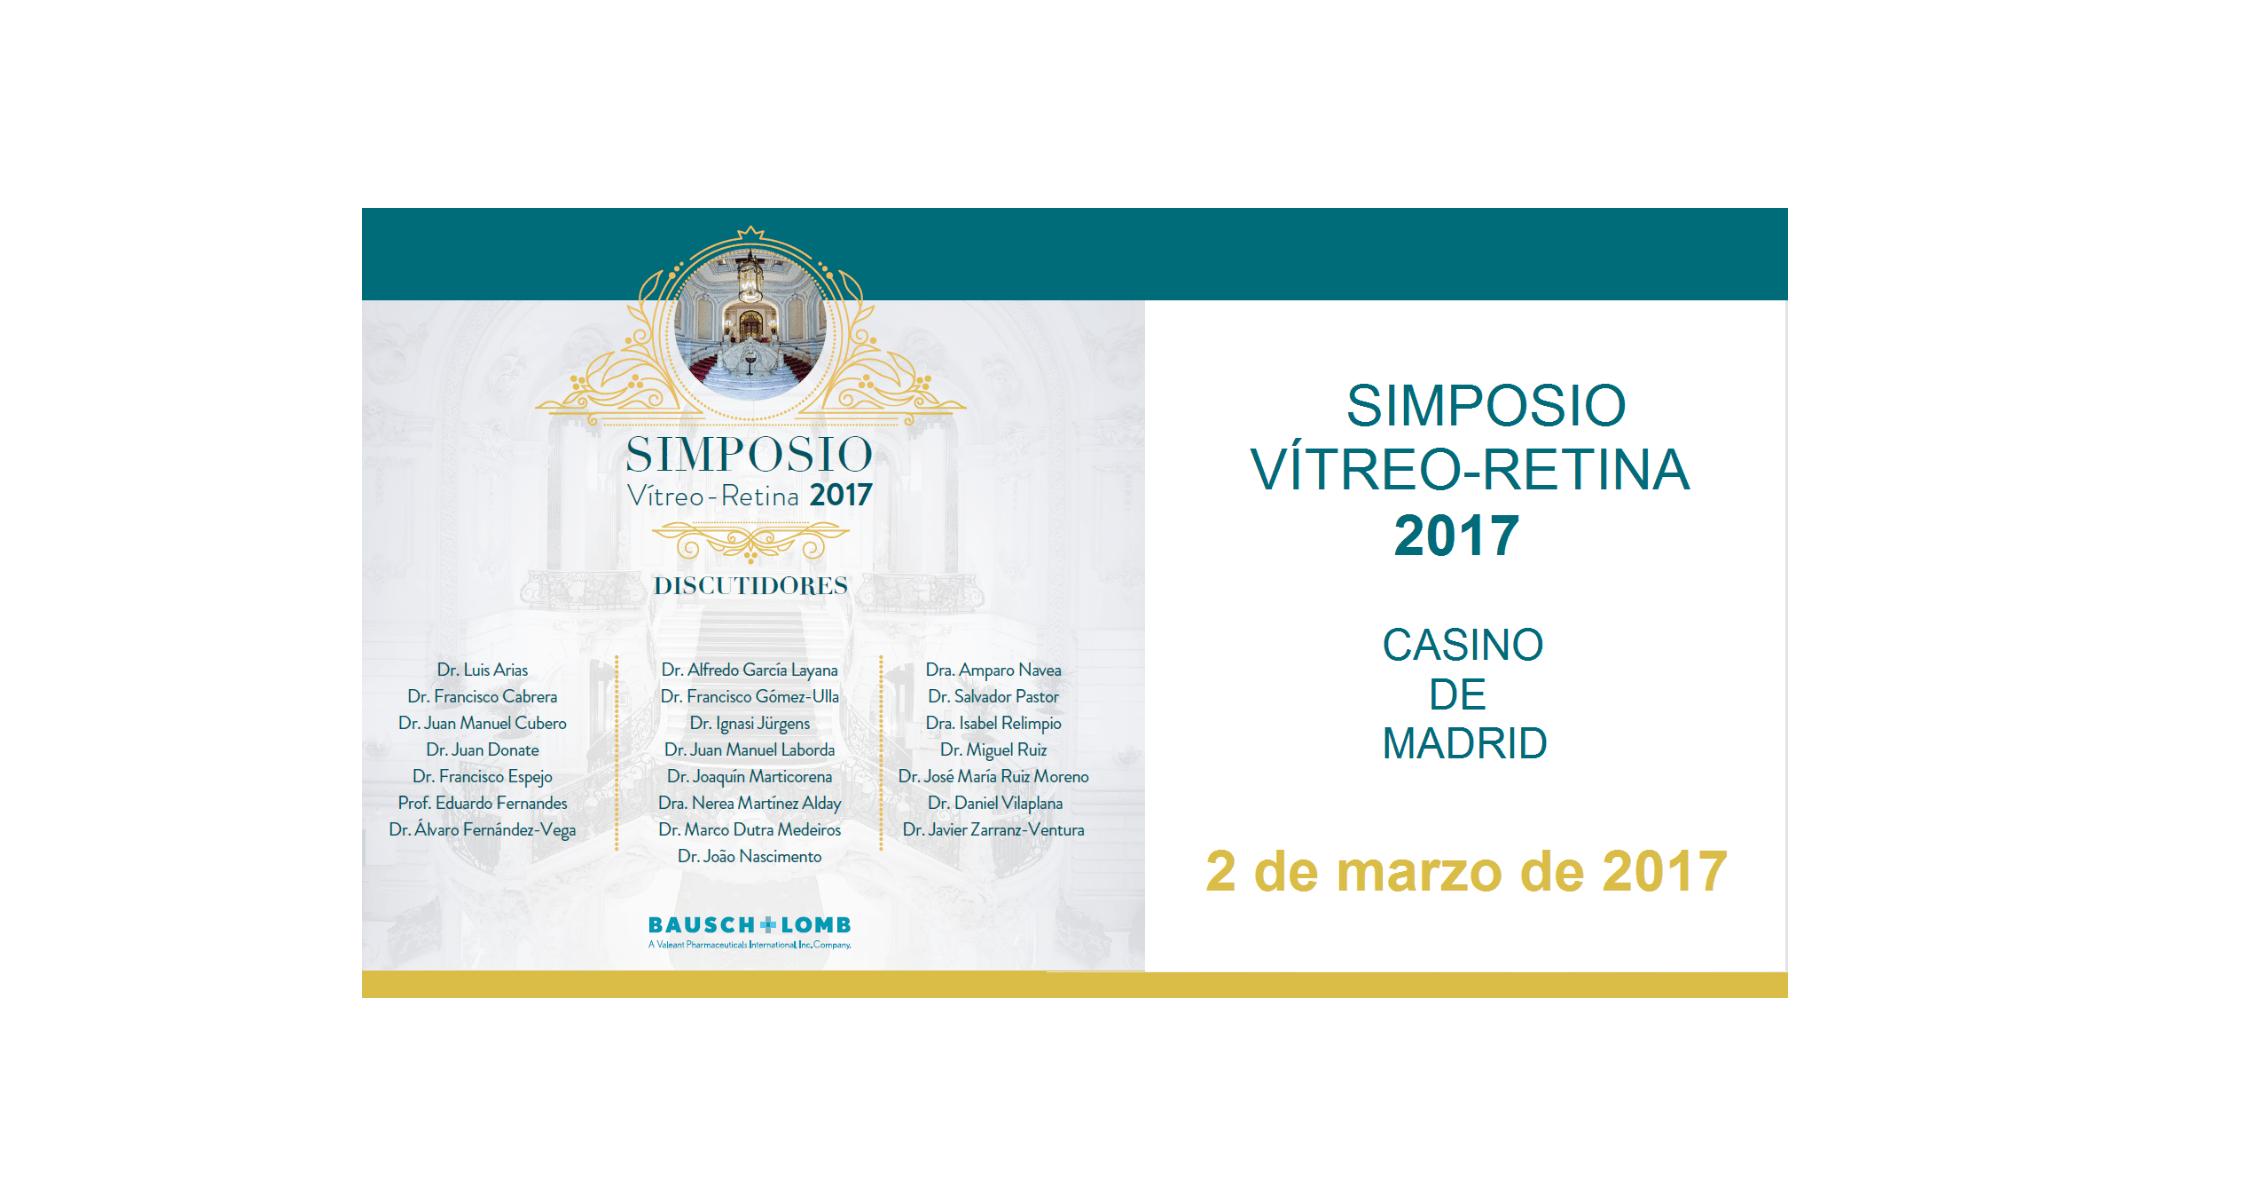 El Dr. Jürgens participarà al Simposi de Vitreo-Retina 2017